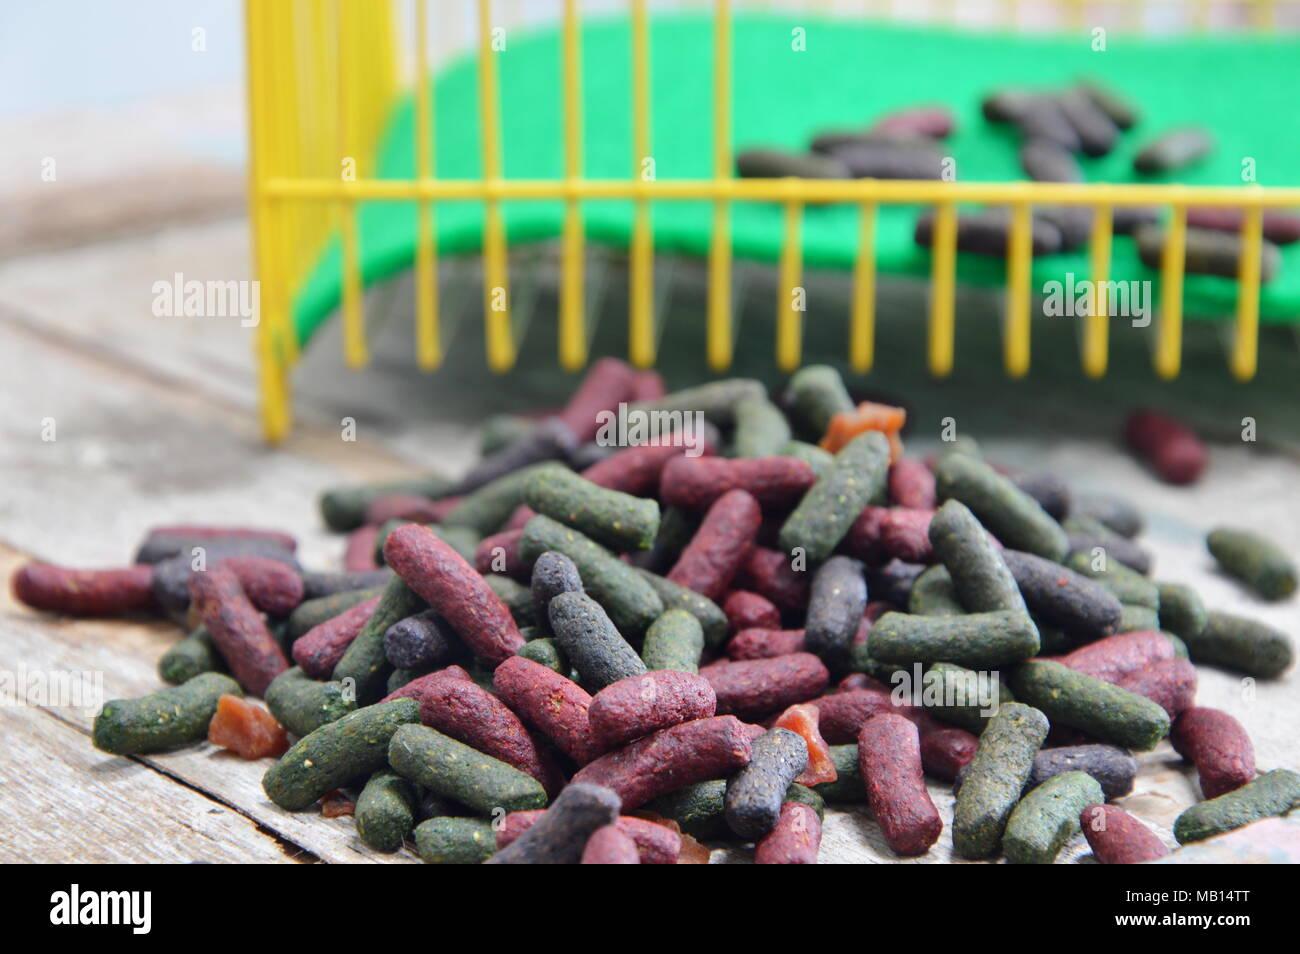 Kaninchen essen in gelb Käfig auf Holzbrett Stockfoto, Bild ...